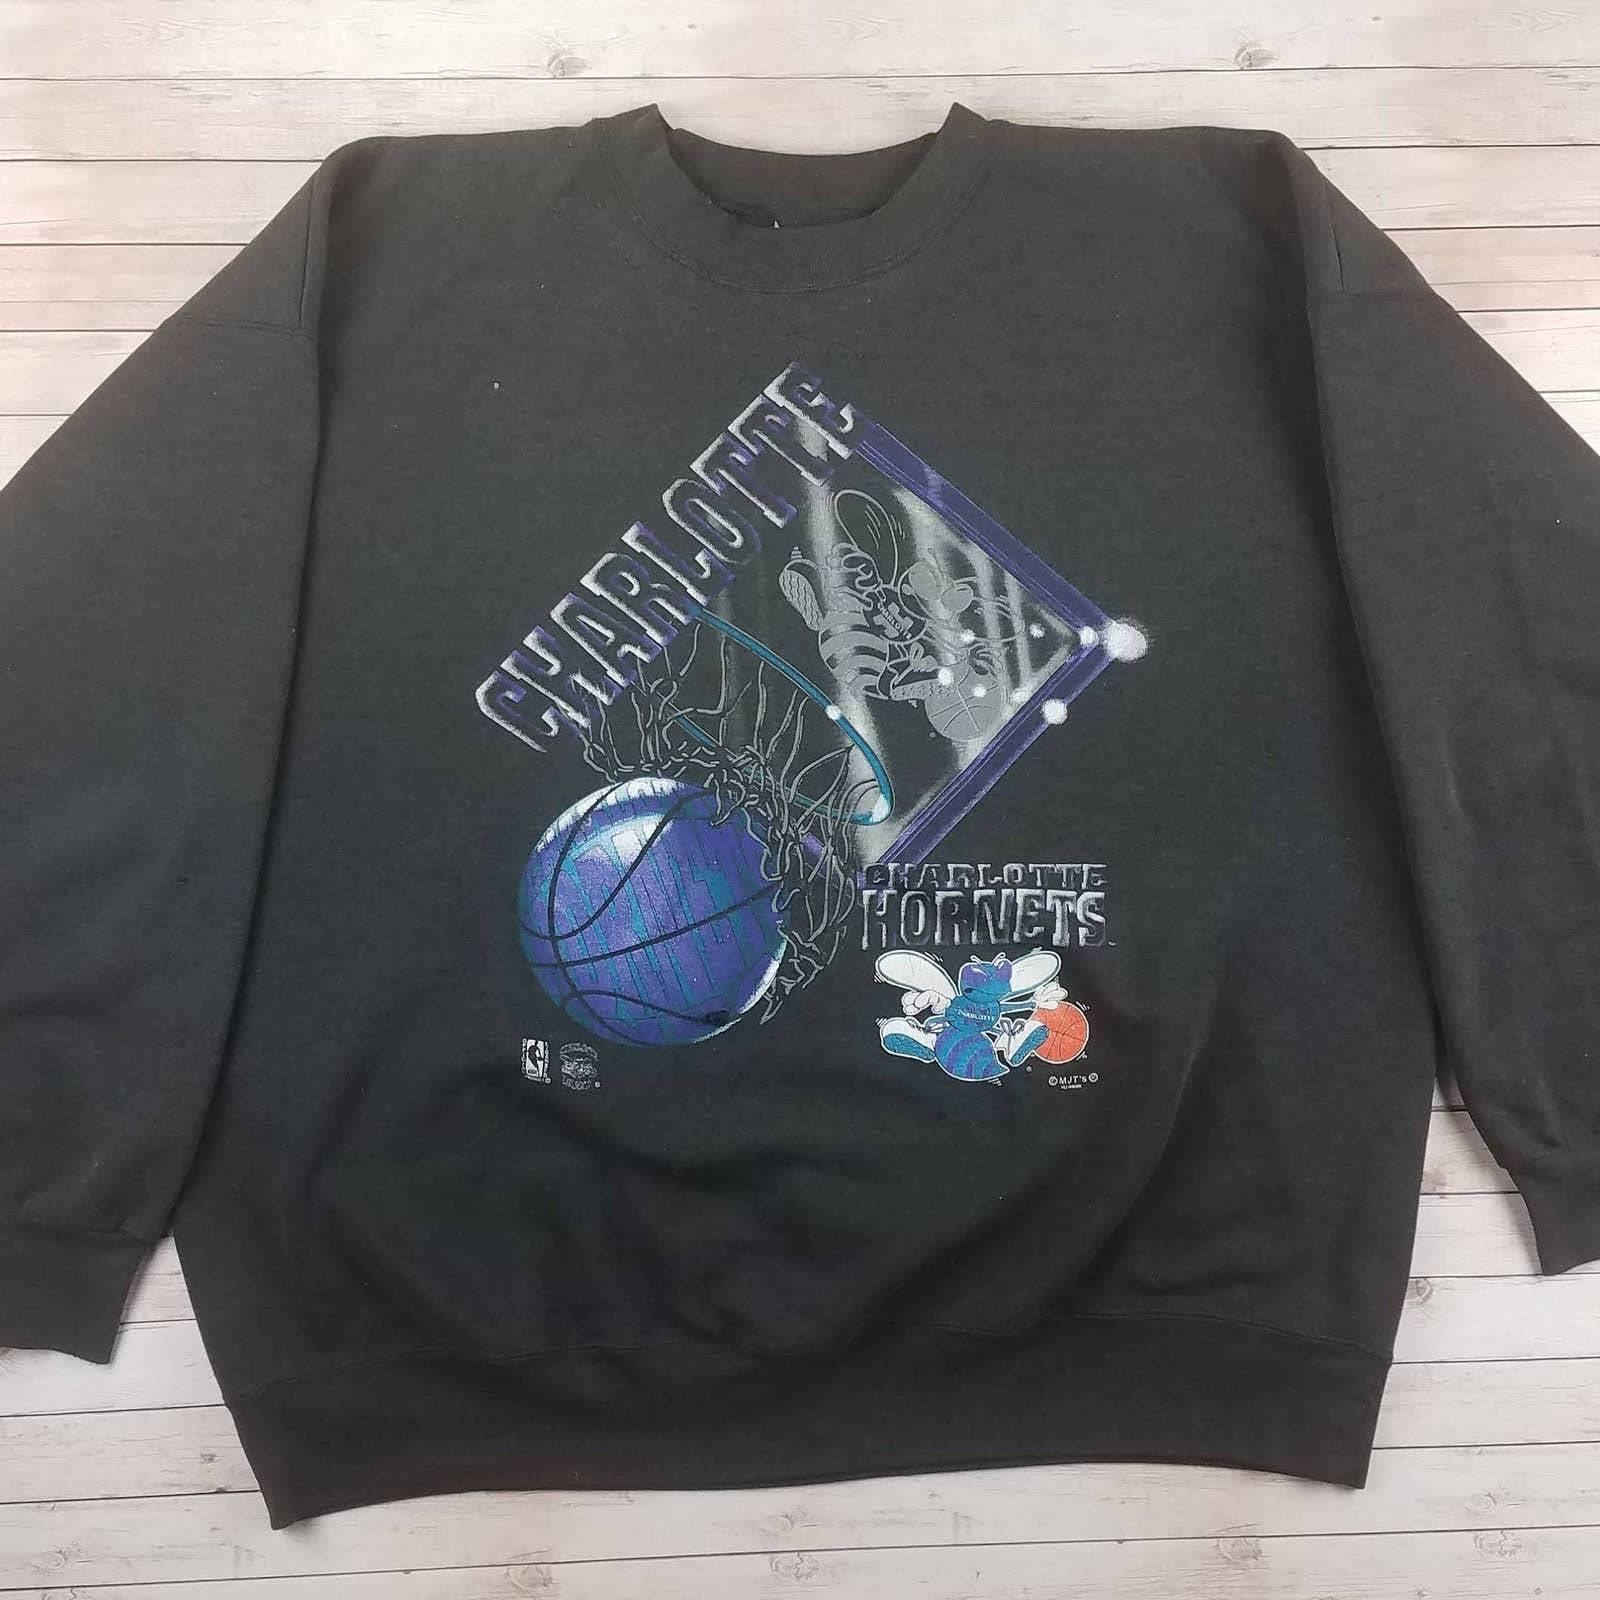 VTG 90s Charlotte Hornet MJTs Sweatshirt